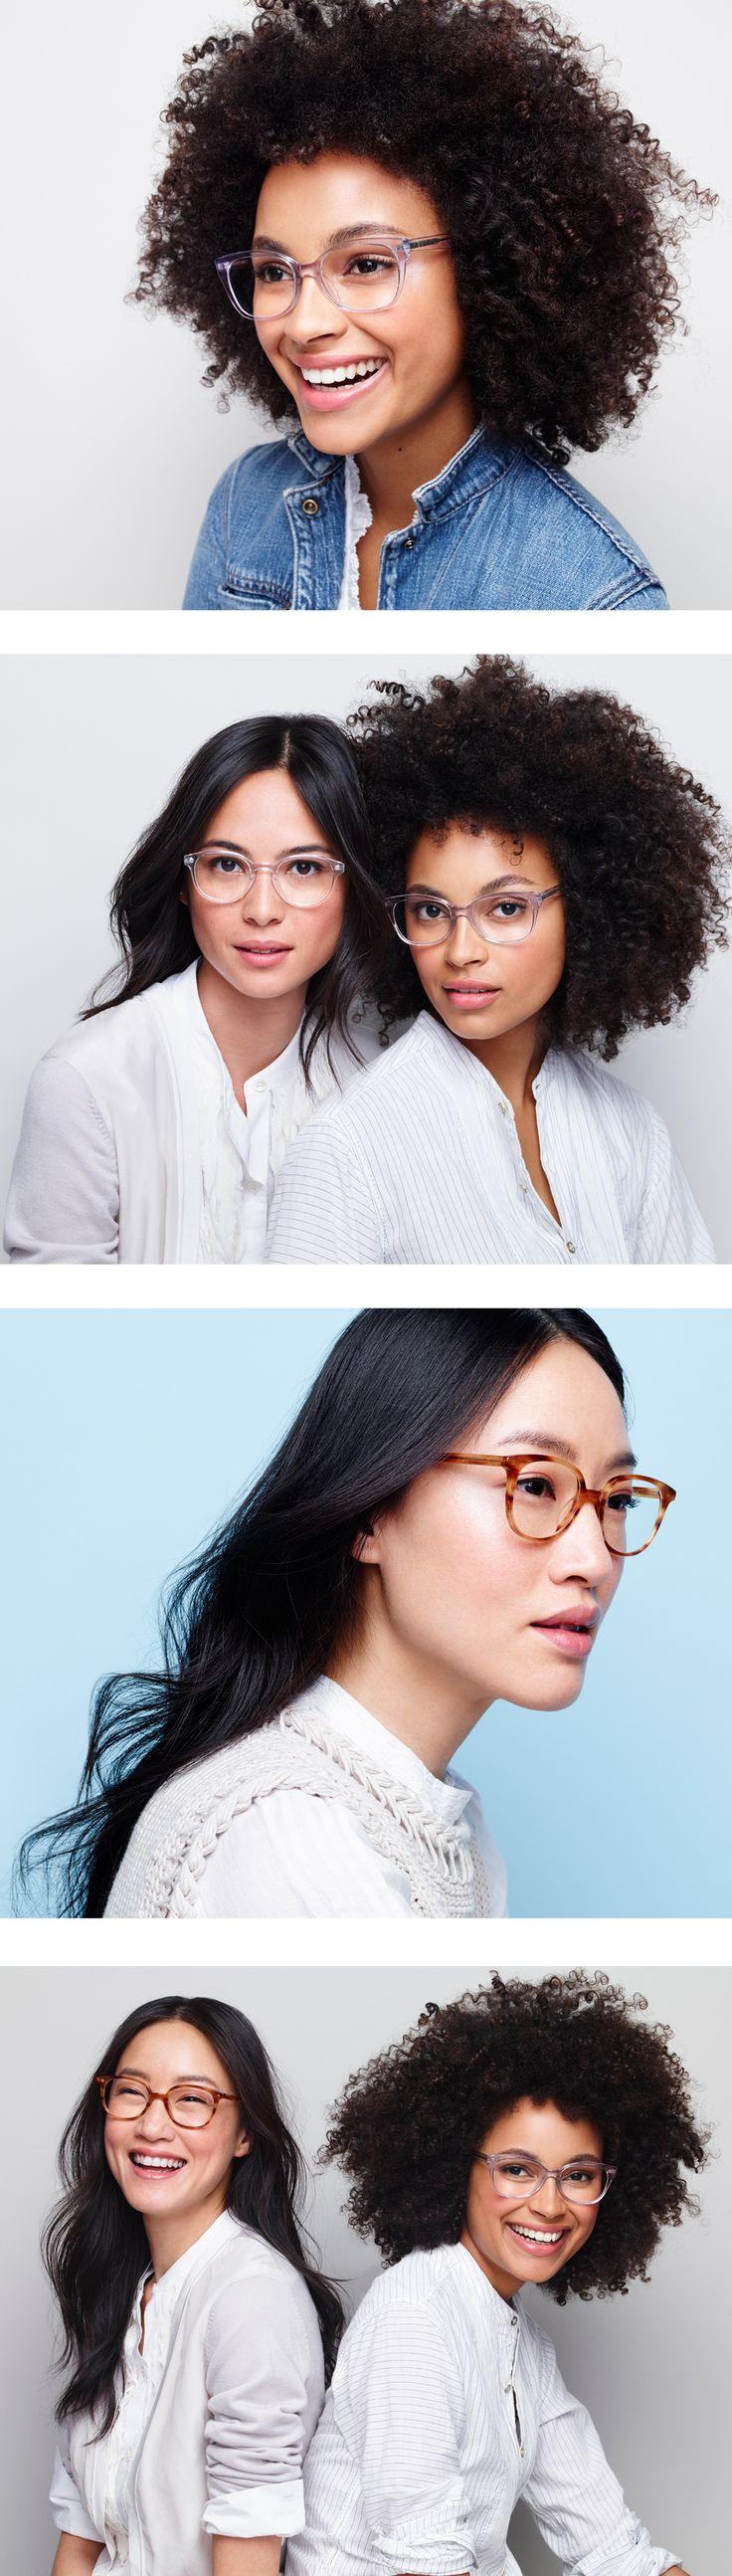 7 Best Warby Parker Low Bridge Fit Images On Pinterest -5982